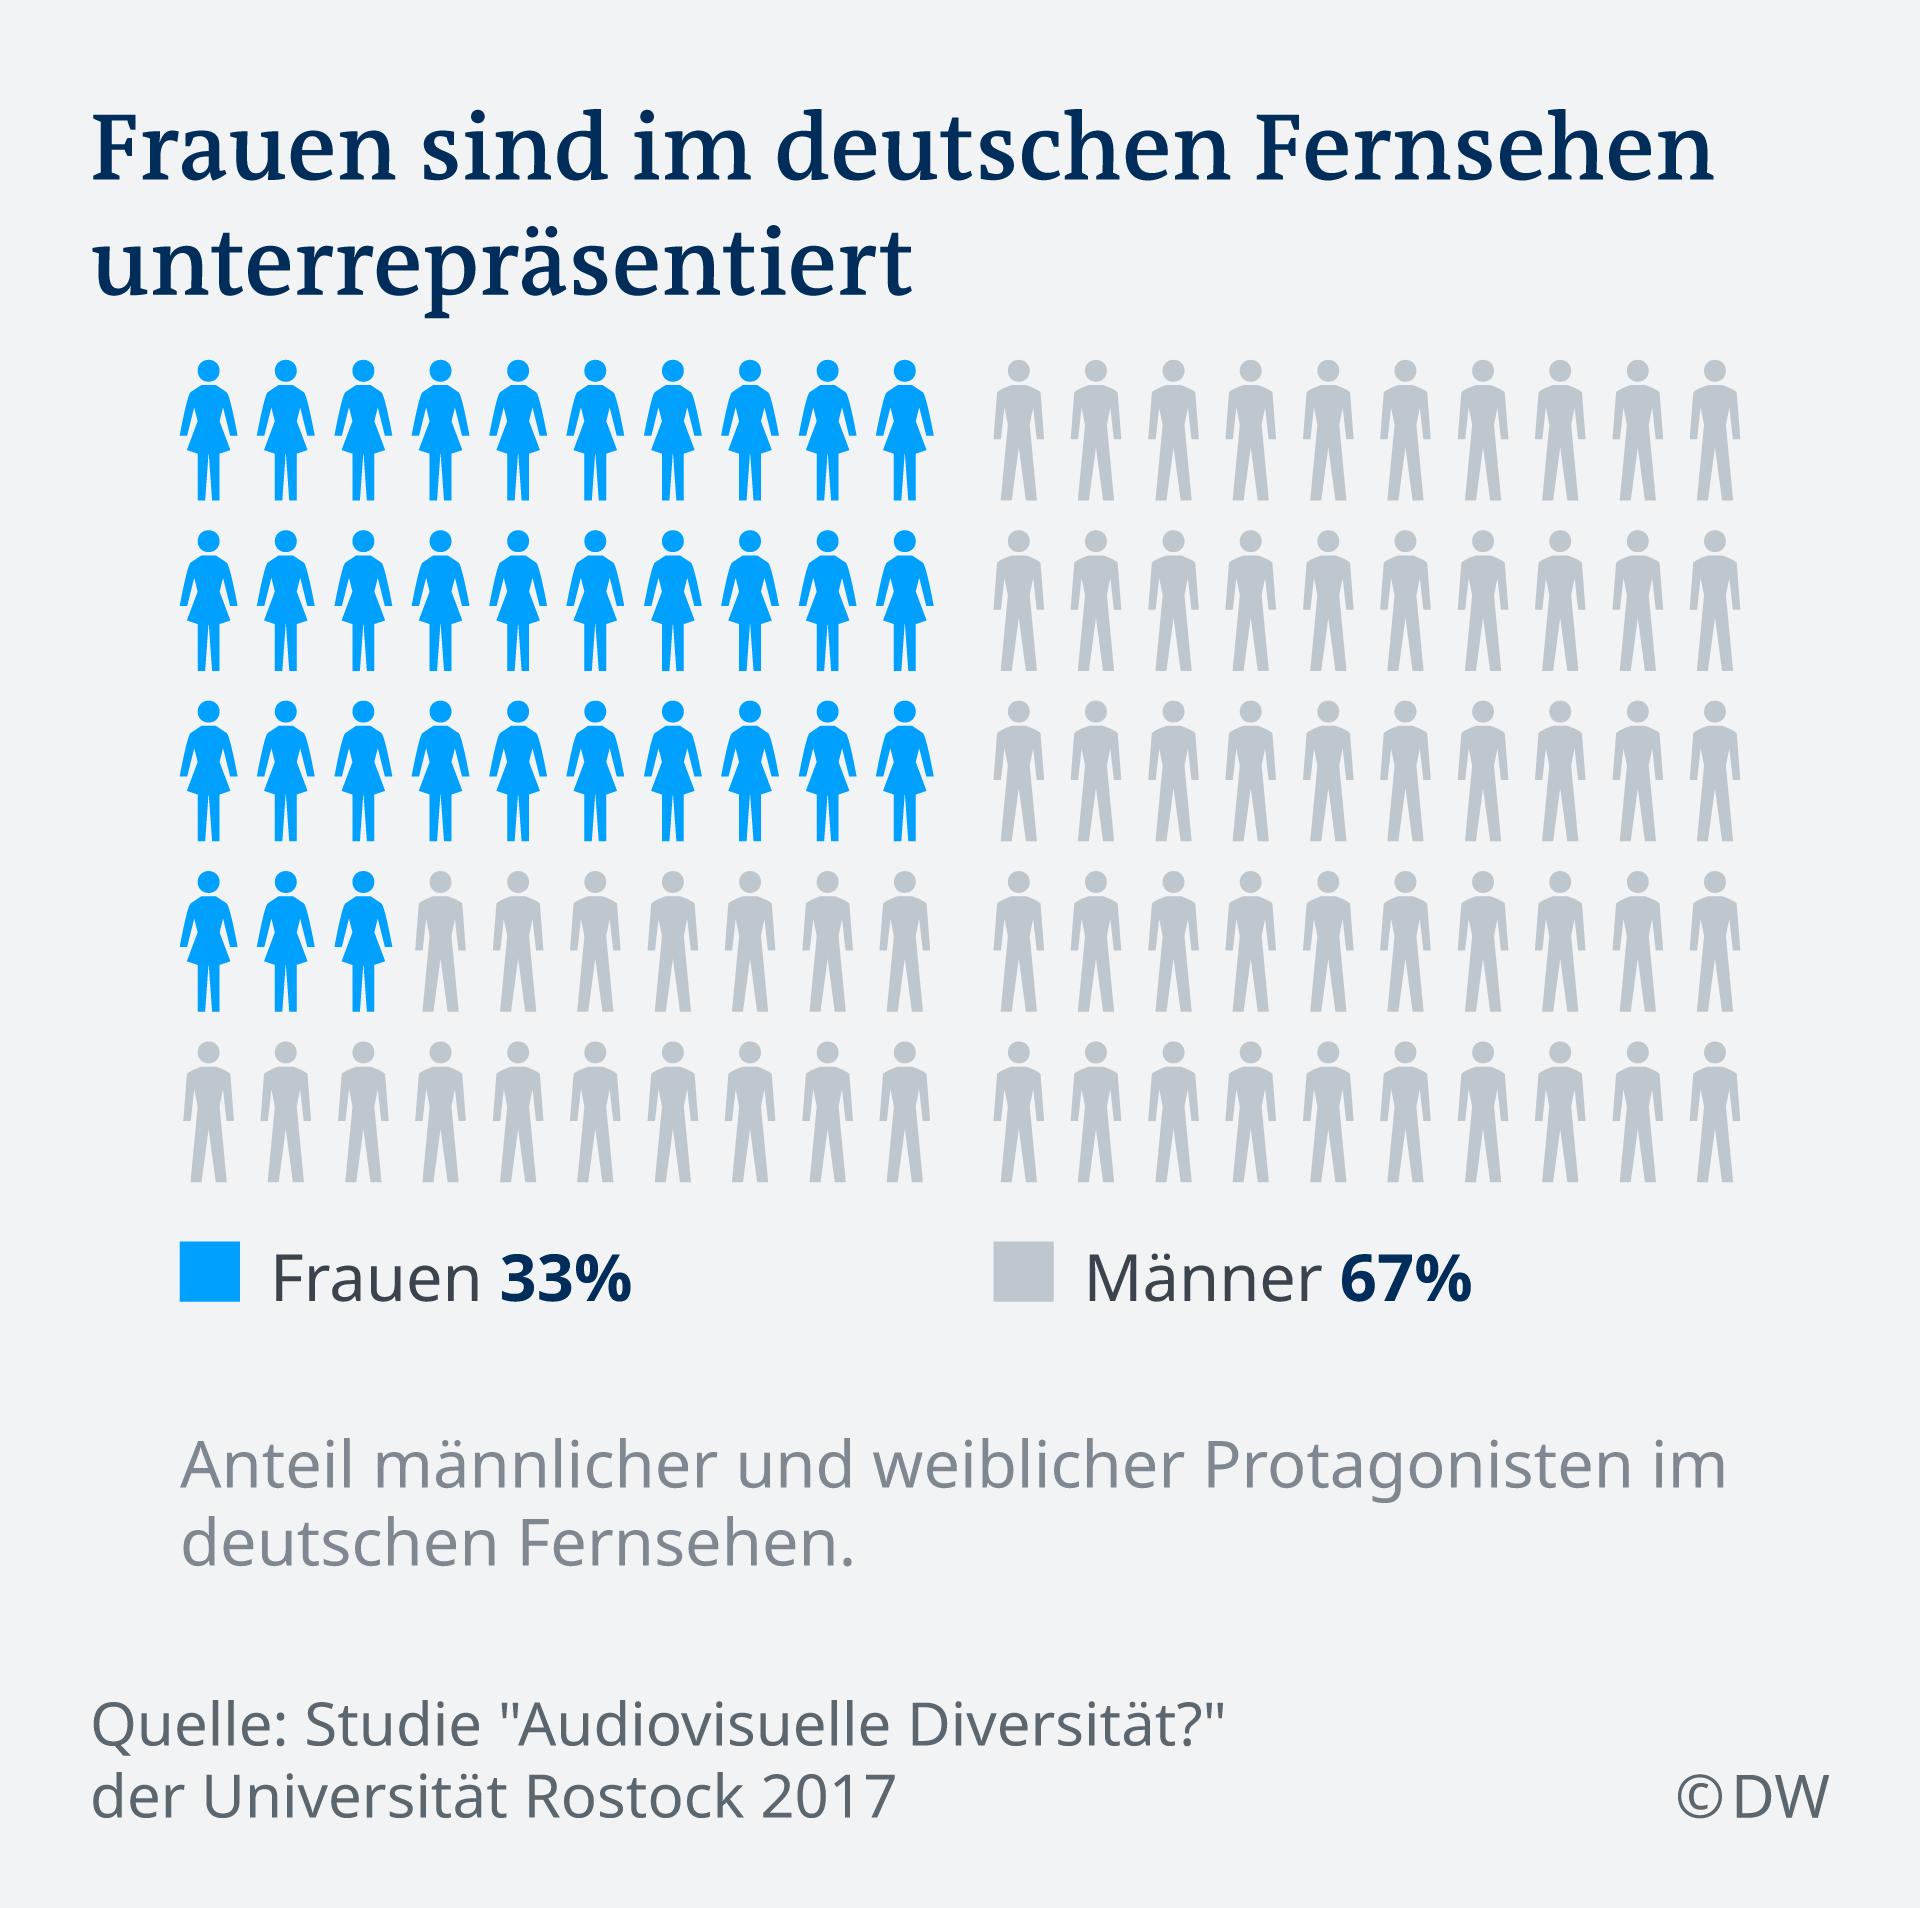 Infografik über Frauen als Protagonistinnen im deutschen Fernsehen (Copyright: DW)